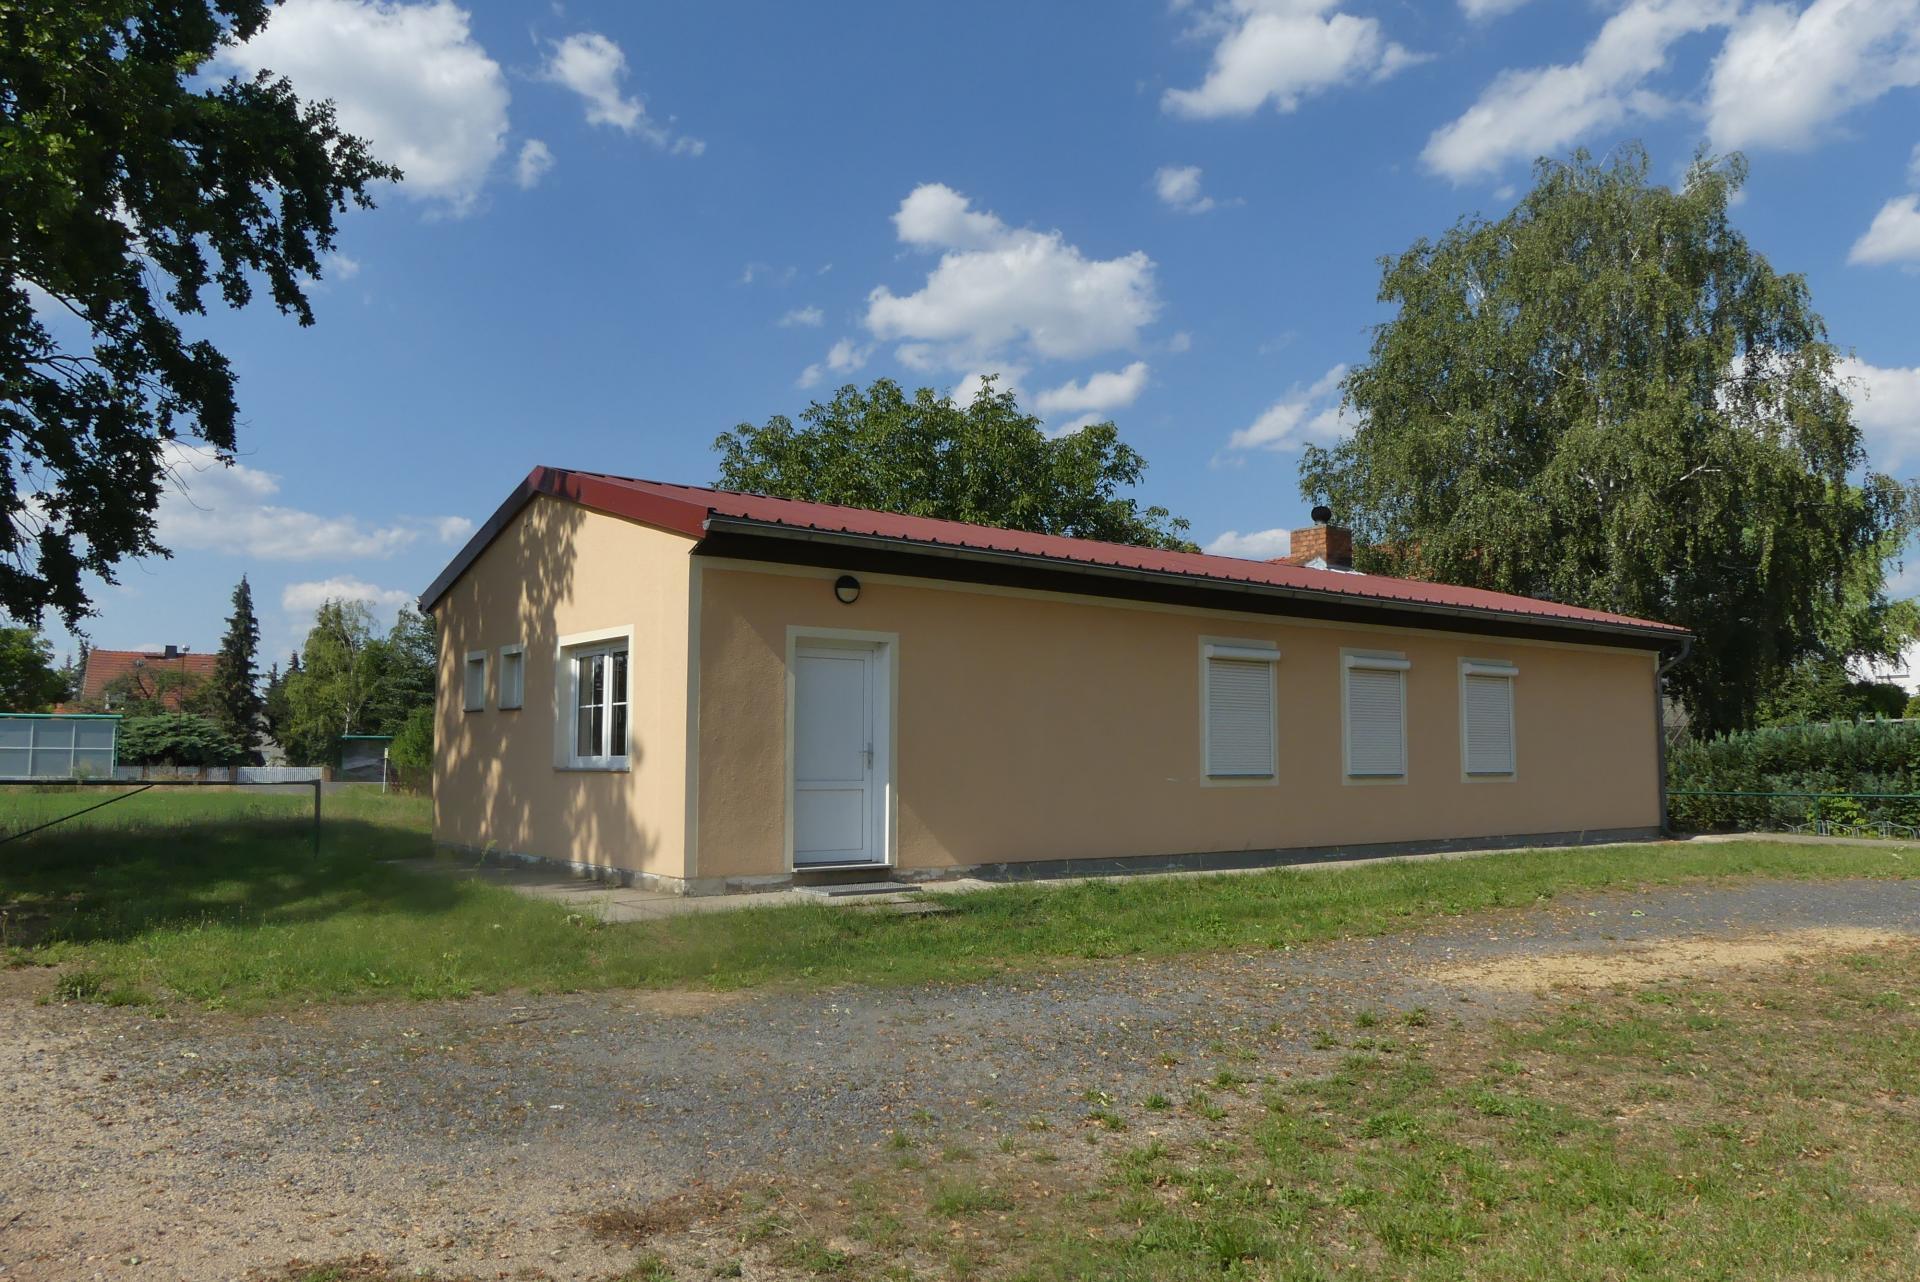 Vereinshaus Geheege